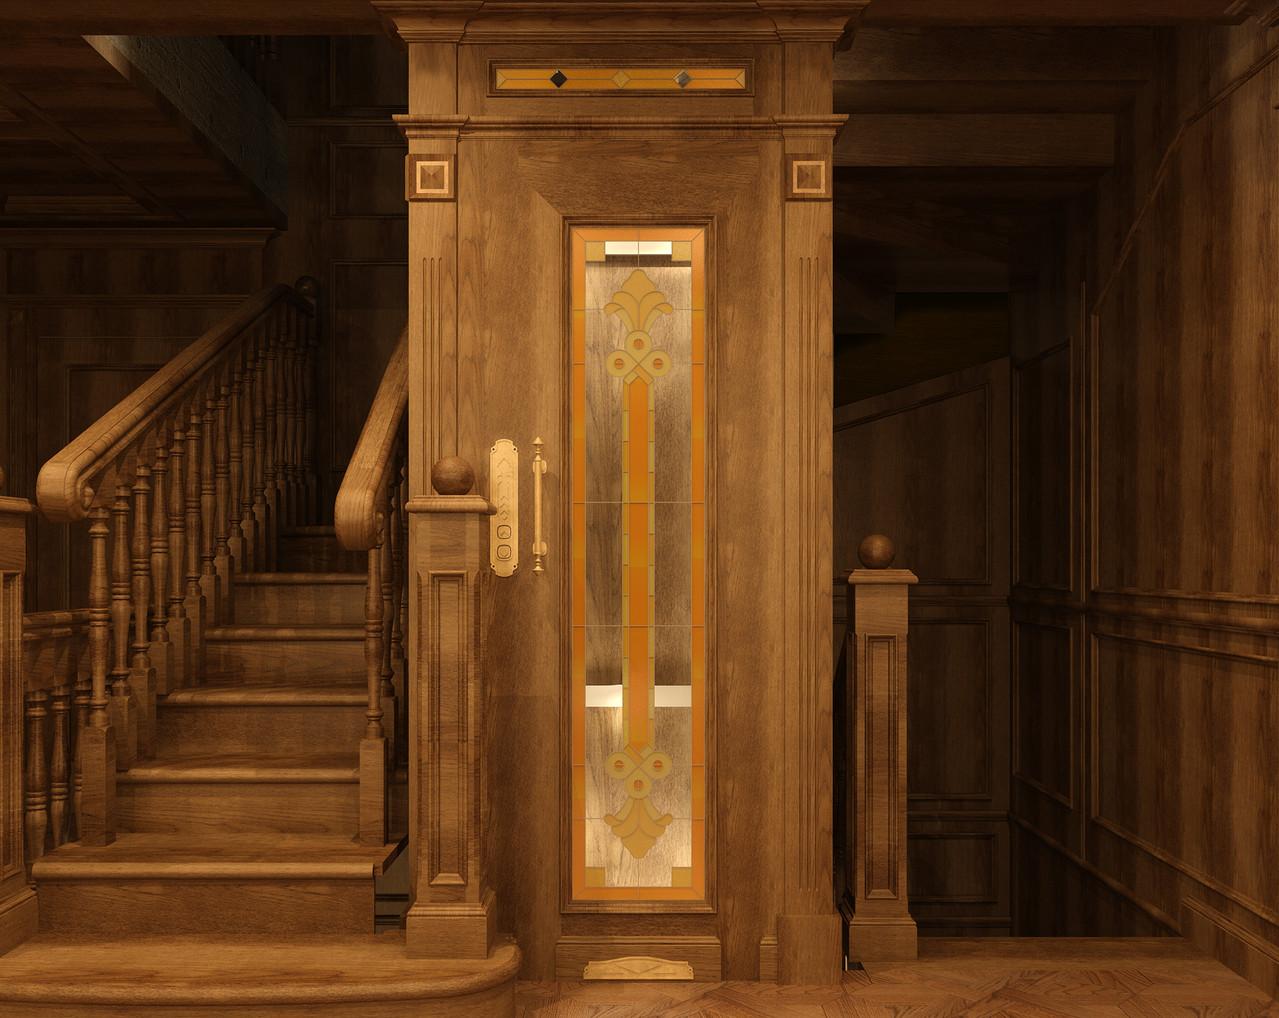 ОФОРМЛЕНИЕ ЛИФТОВОЙ ШАХТЫ. 2 этаж. Вид. 1